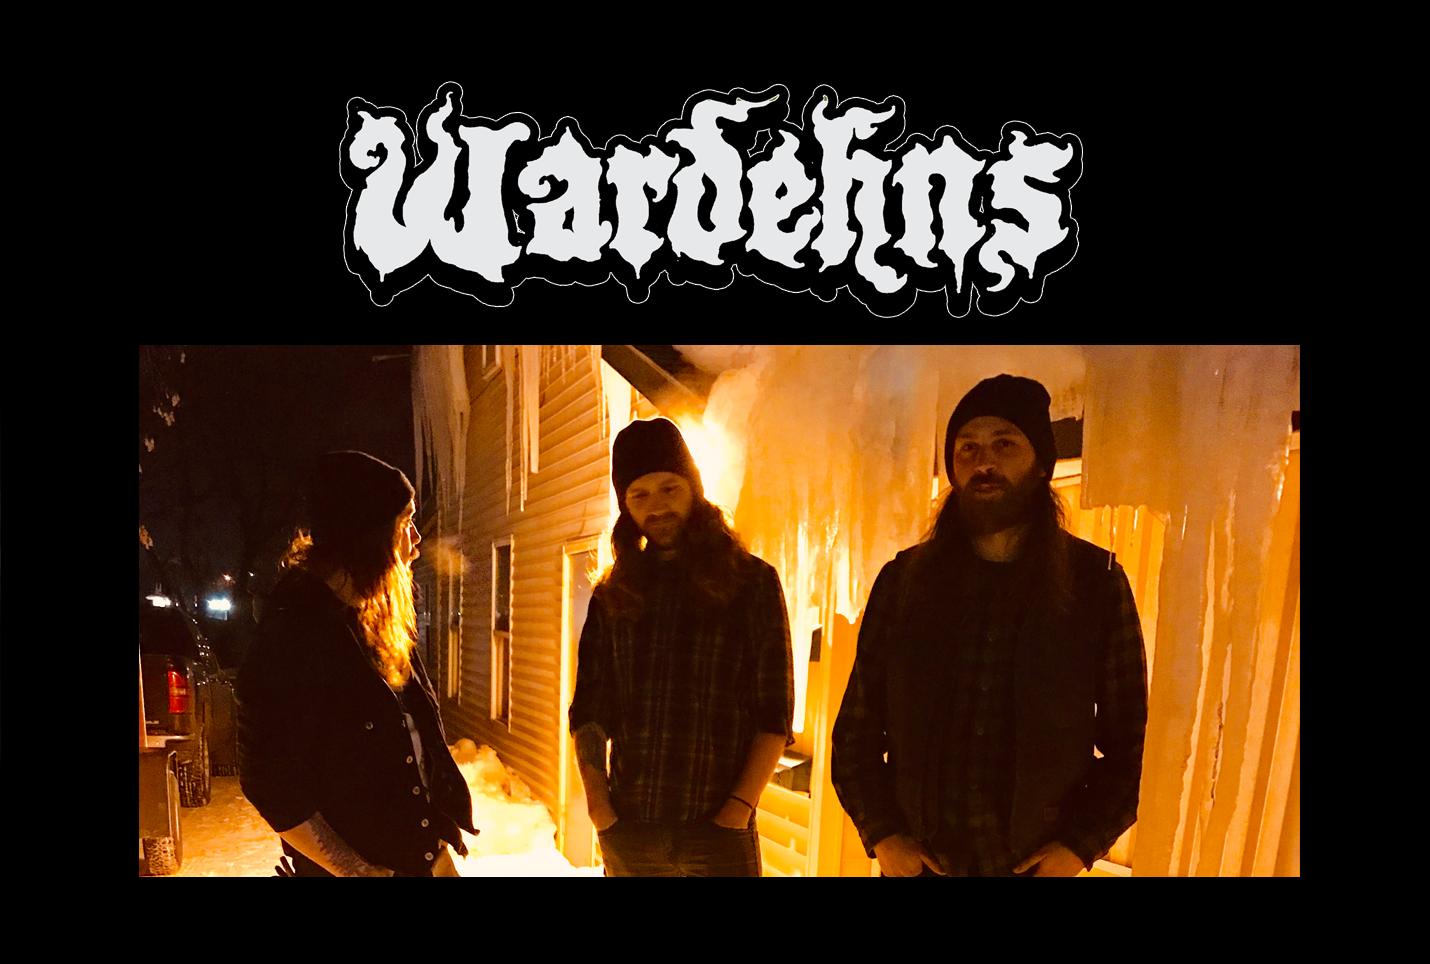 Wardehns